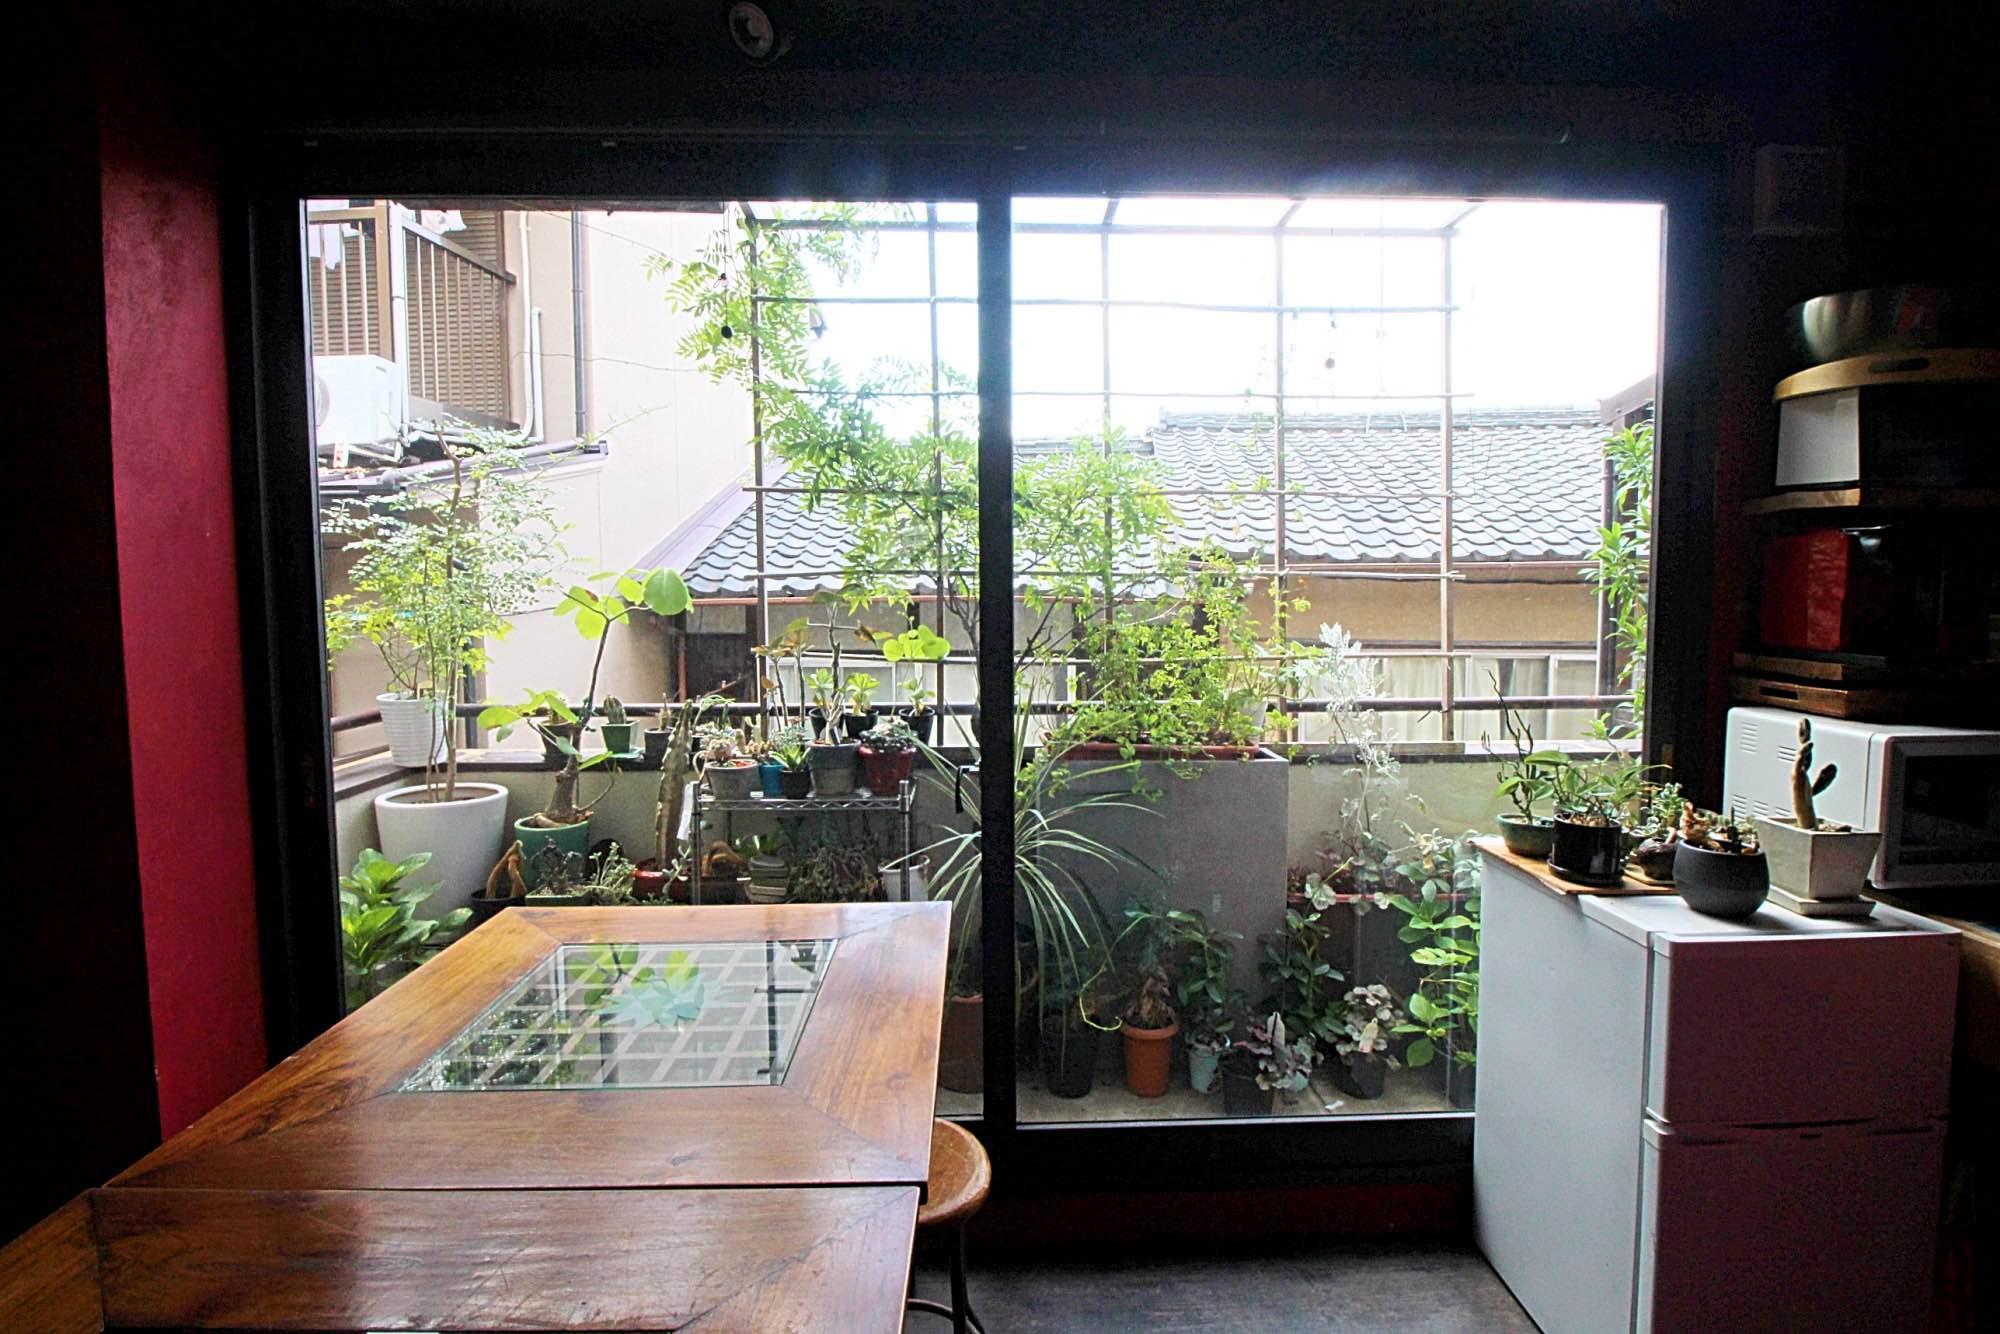 窓際にはお花屋さんらしく所狭しと植物が。